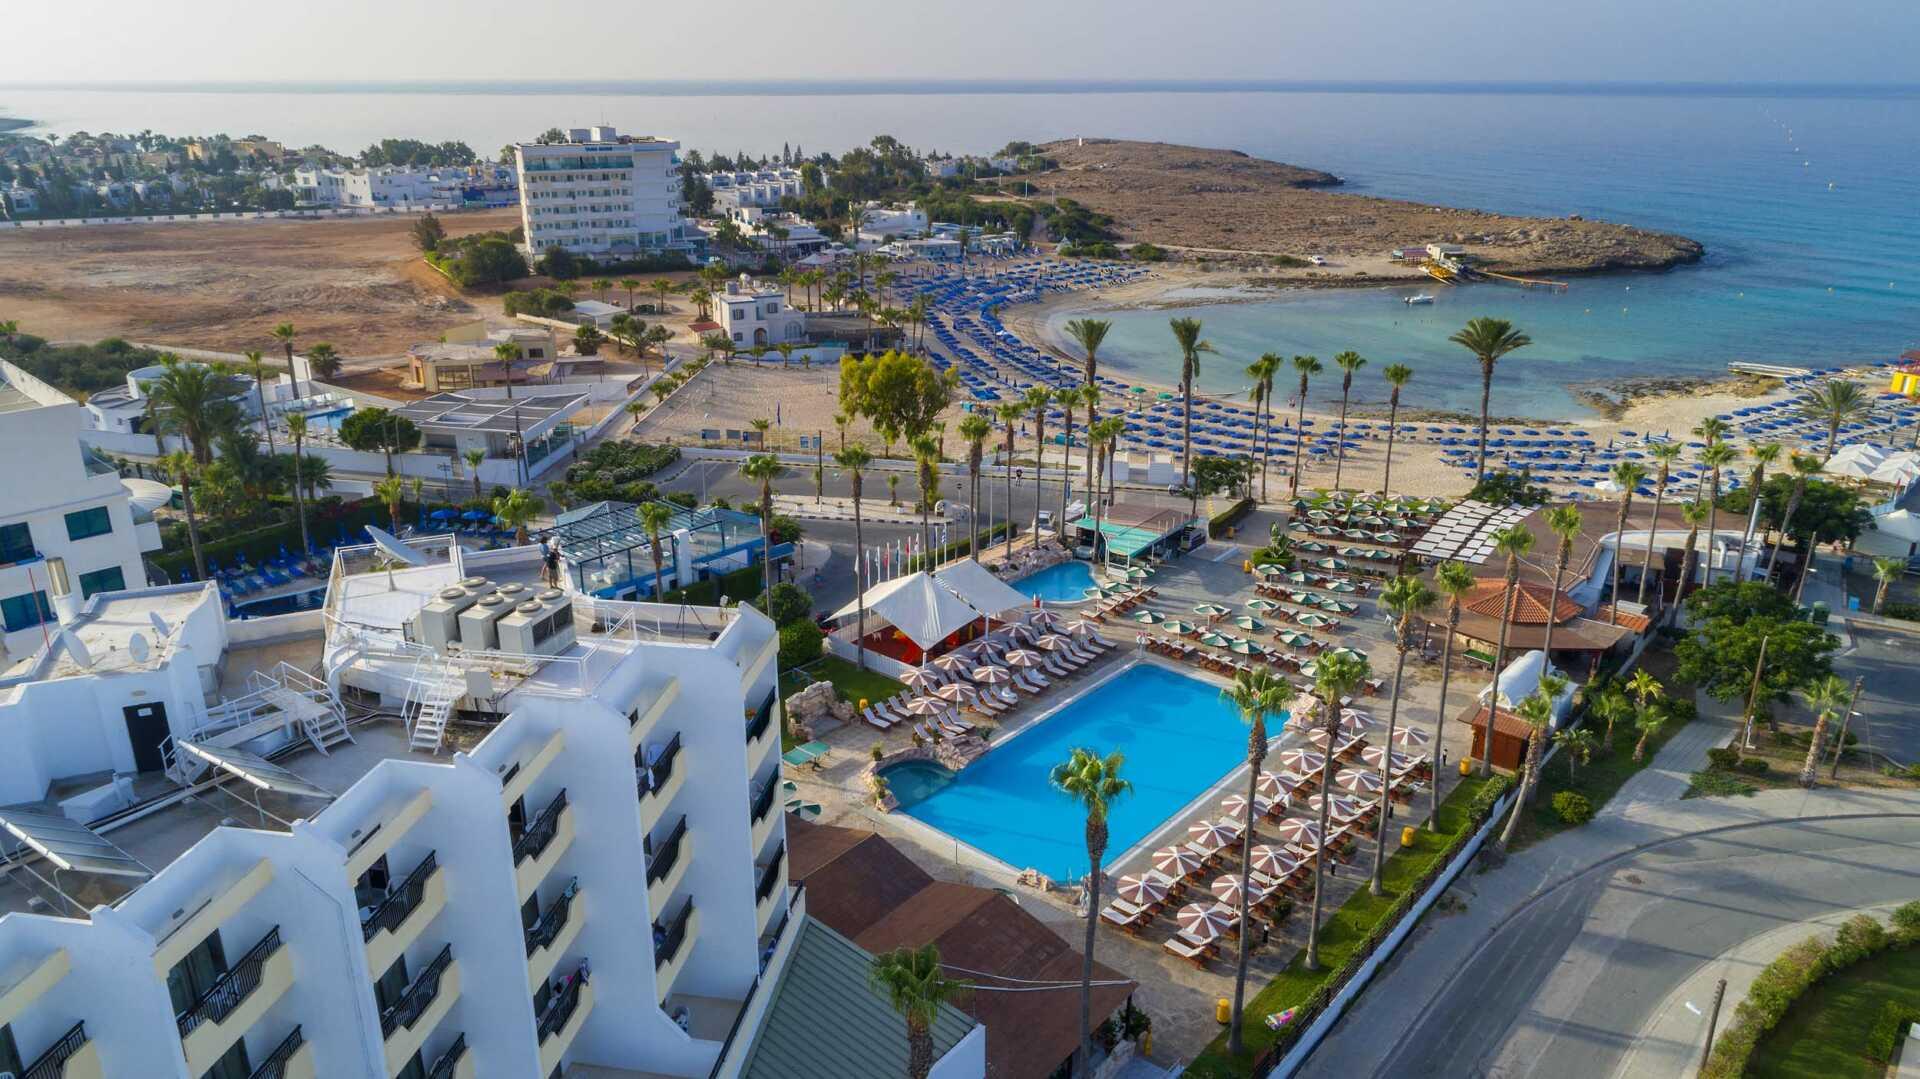 Hotel Pavlon Napa-Ayia Napa-Jumbo Travel-hotel overview